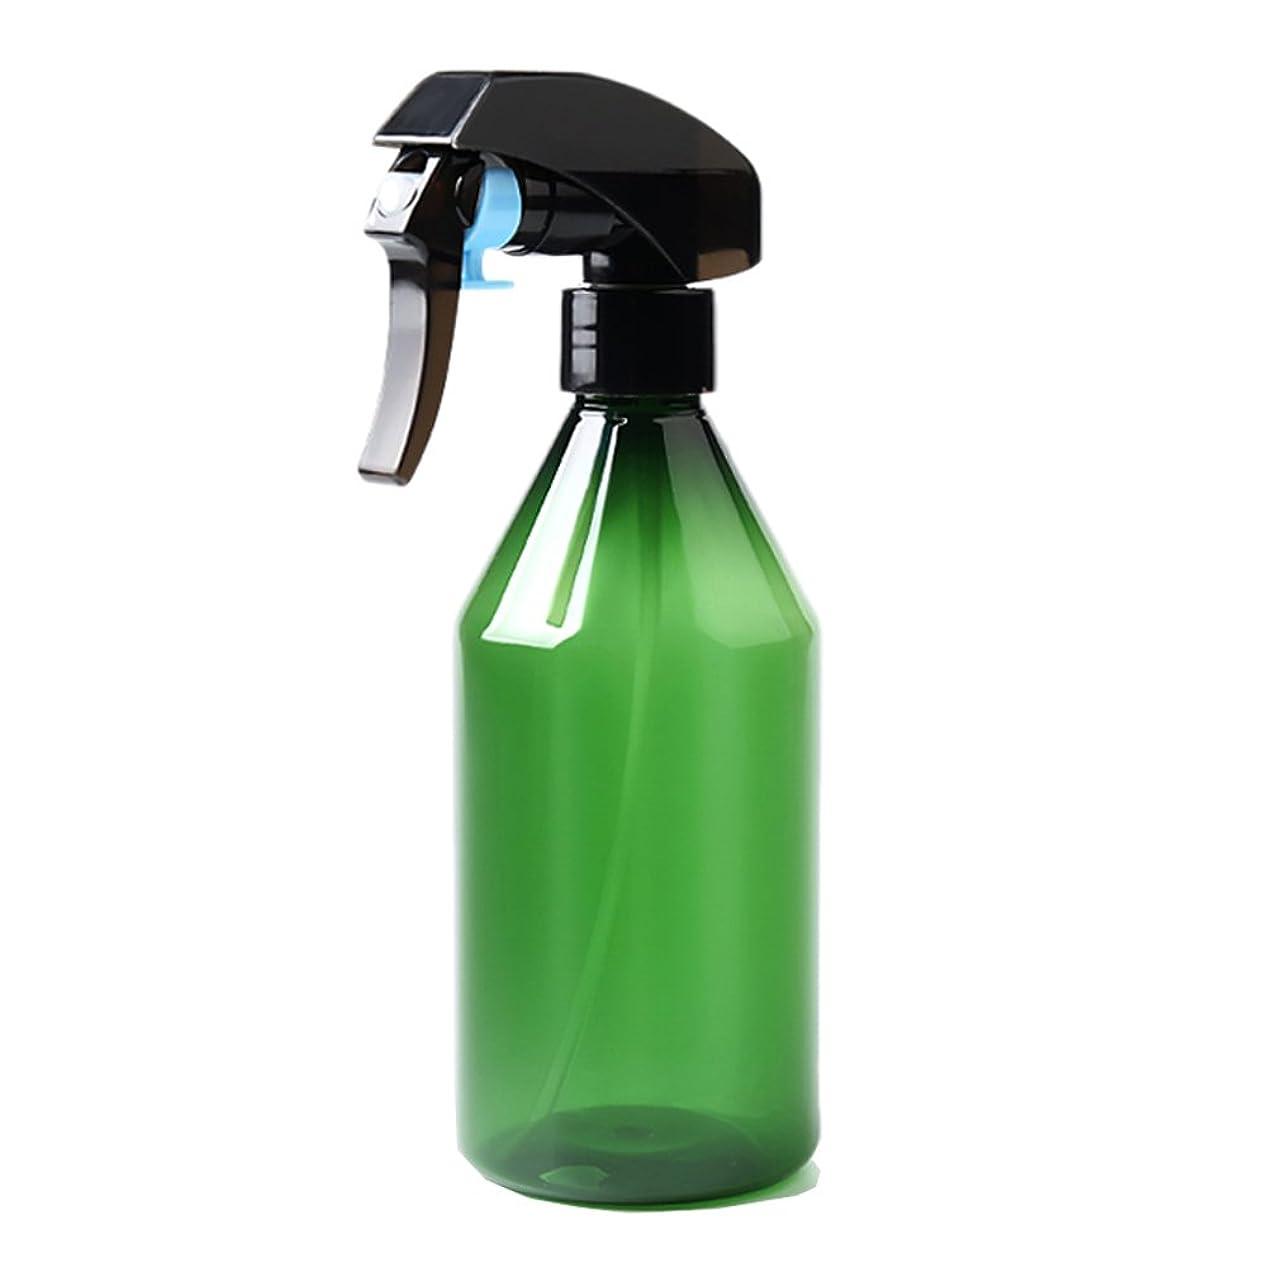 良質極細のミストガーデニングボトル を噴霧する スプレーボトル 園芸スプレーボトル ガーデン ハウス 窓 噴霧器 漏れ防止 詰め替え容器 美容 スプレーツール 庭 菜園植物用 300ml(ダークグリーン)